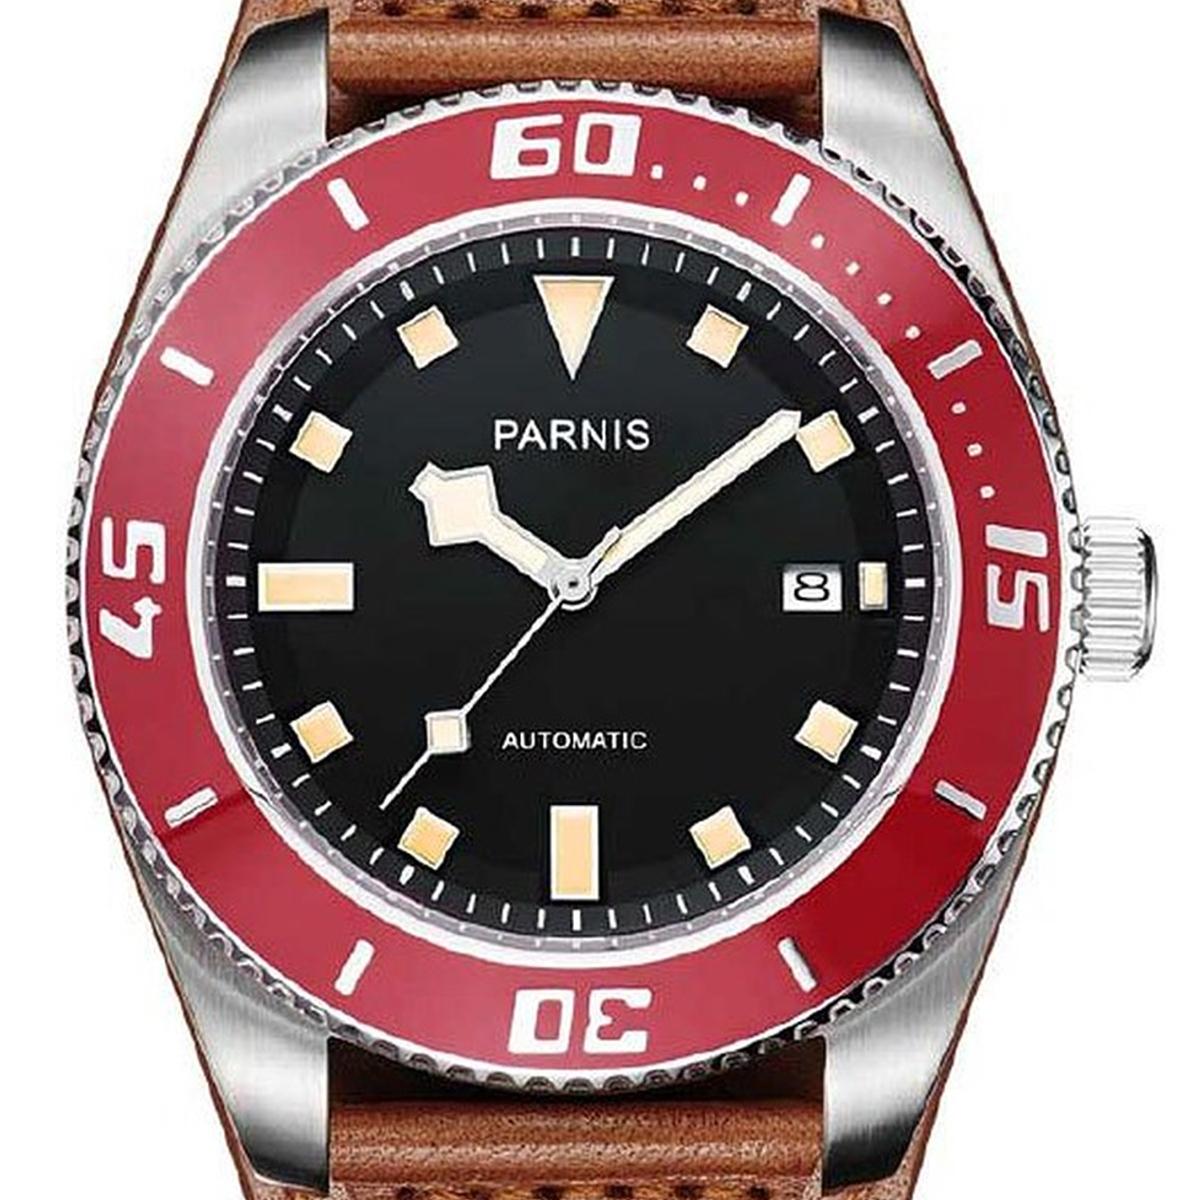 【残り1点】【NEW】PARNIS パーニス 自動巻き 腕時計 [PA6033-S3AL-RDBR] 並行輸入品 純正ケース メーカー保証12ヶ月